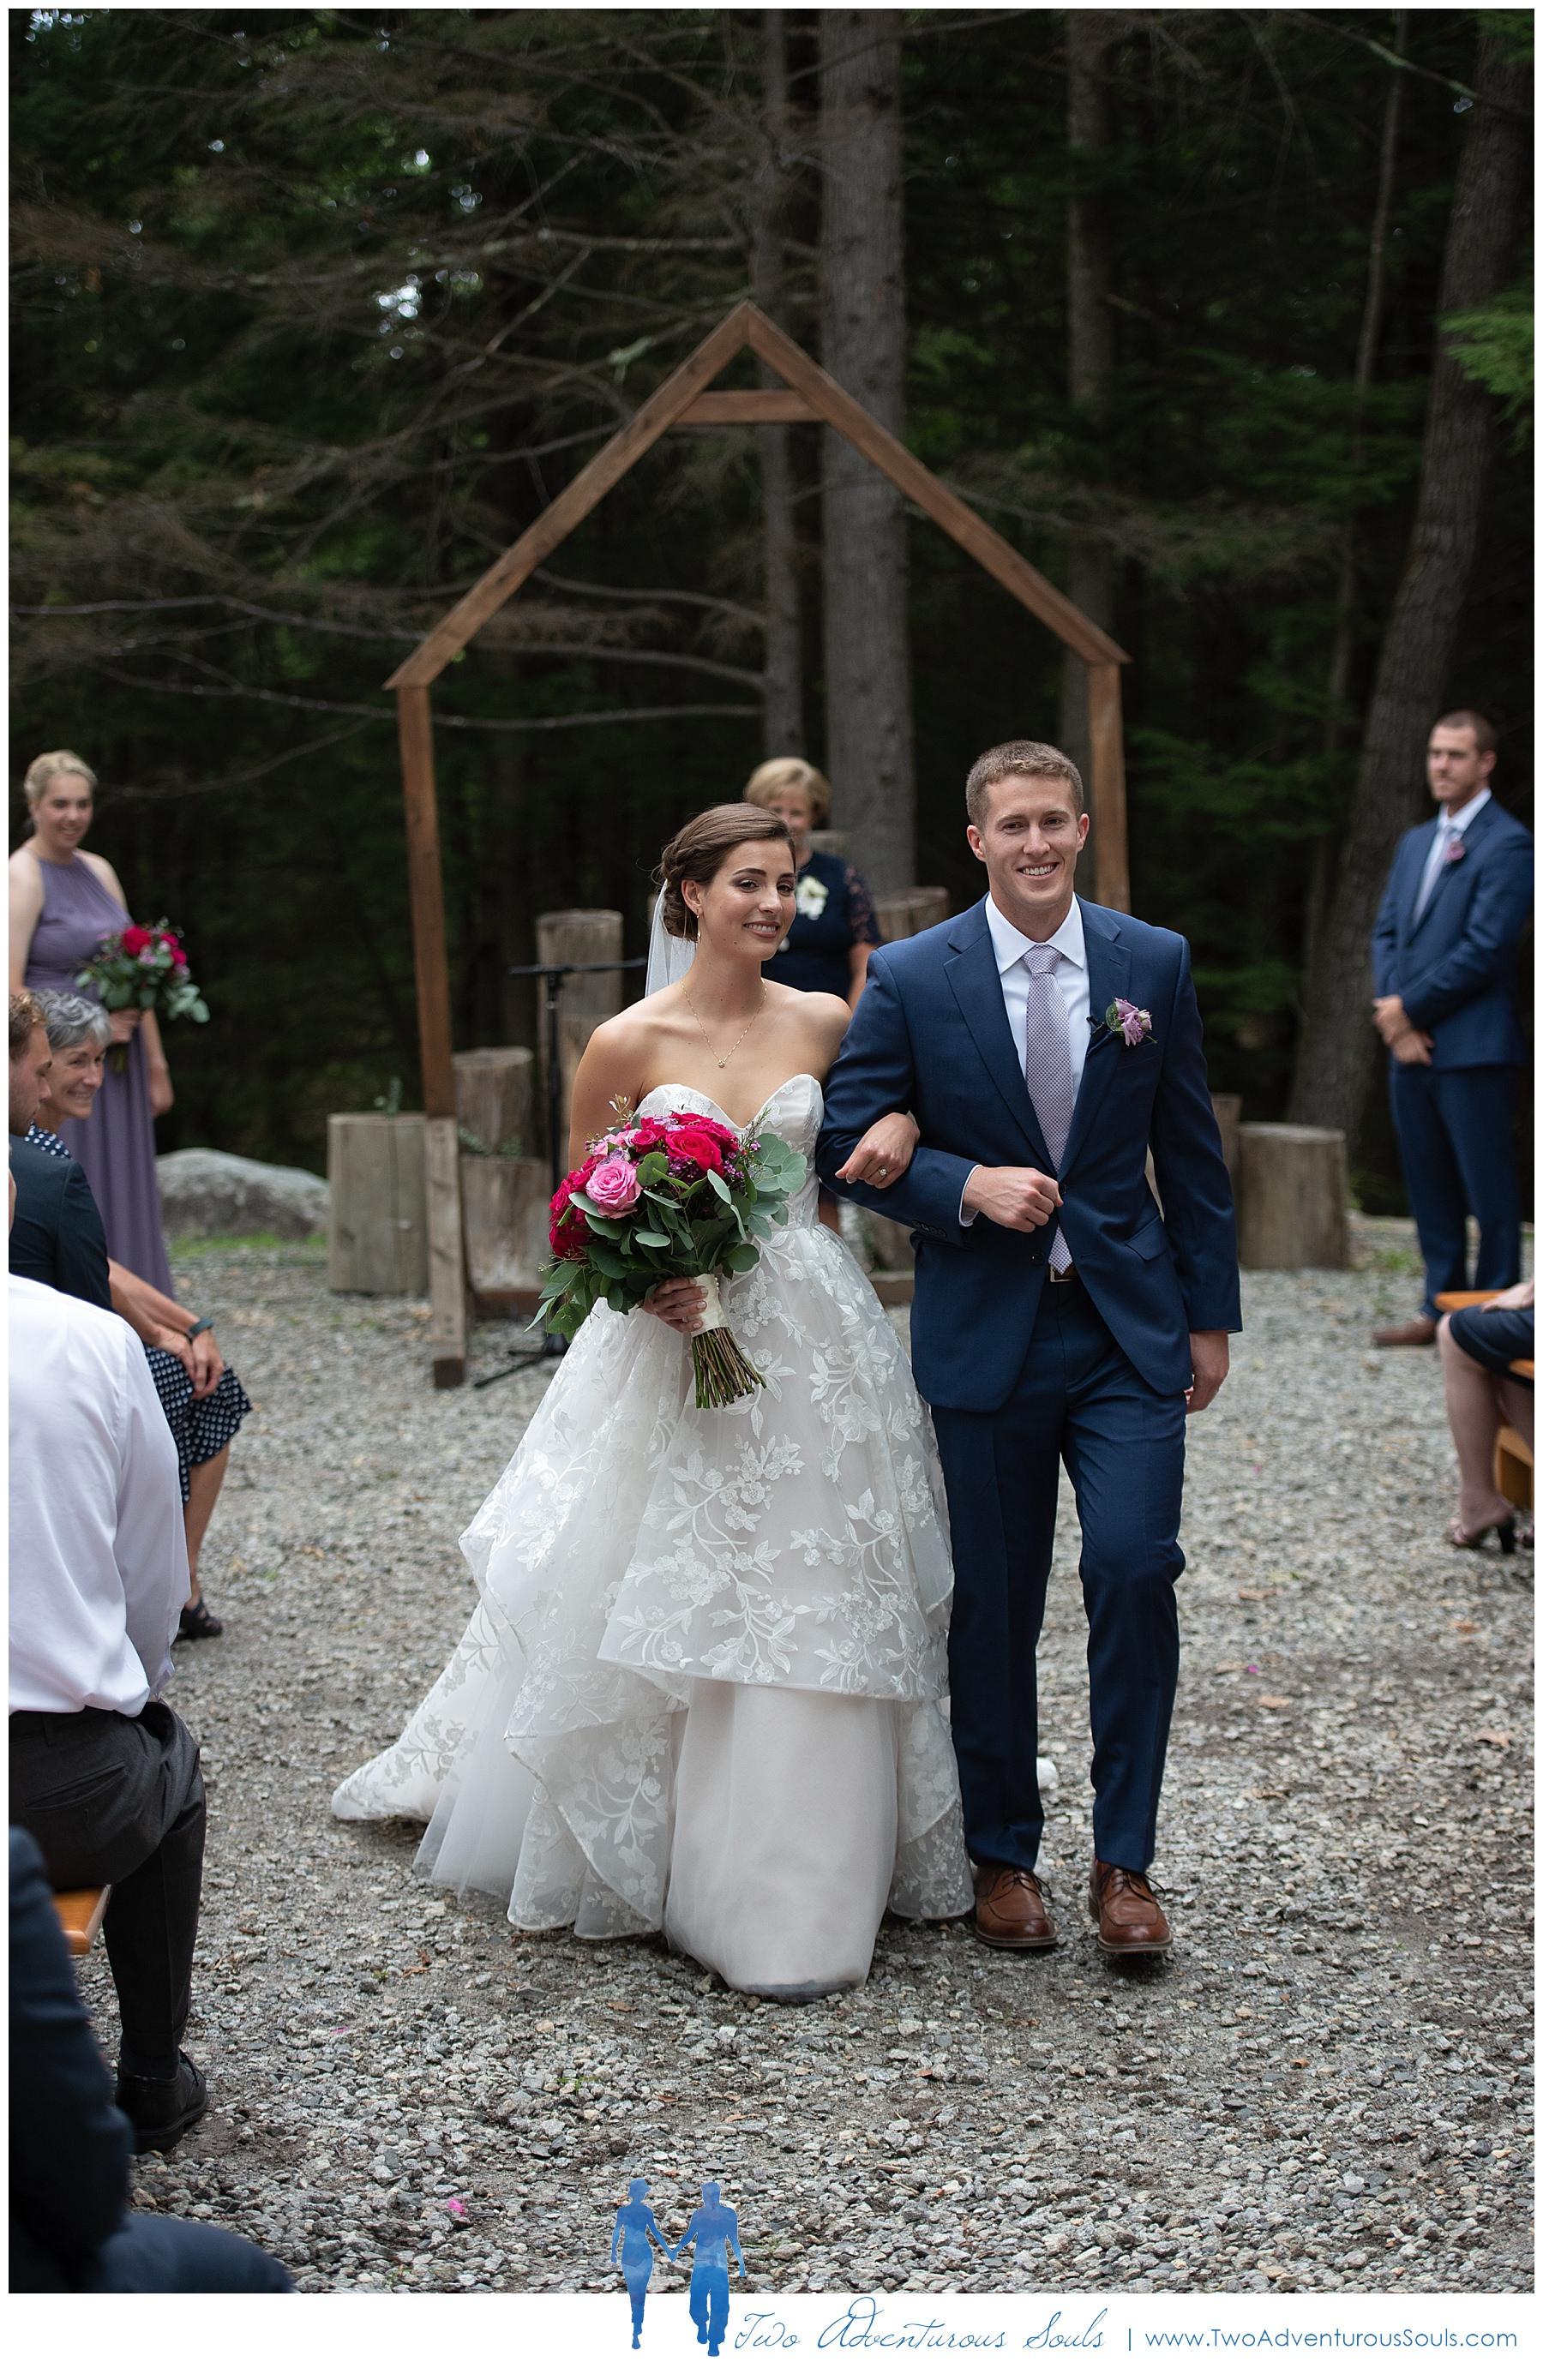 Maine Wedding Photographers, Granite Ridge Estate Wedding Photographers, Two Adventurous Souls - 080319_0044.jpg